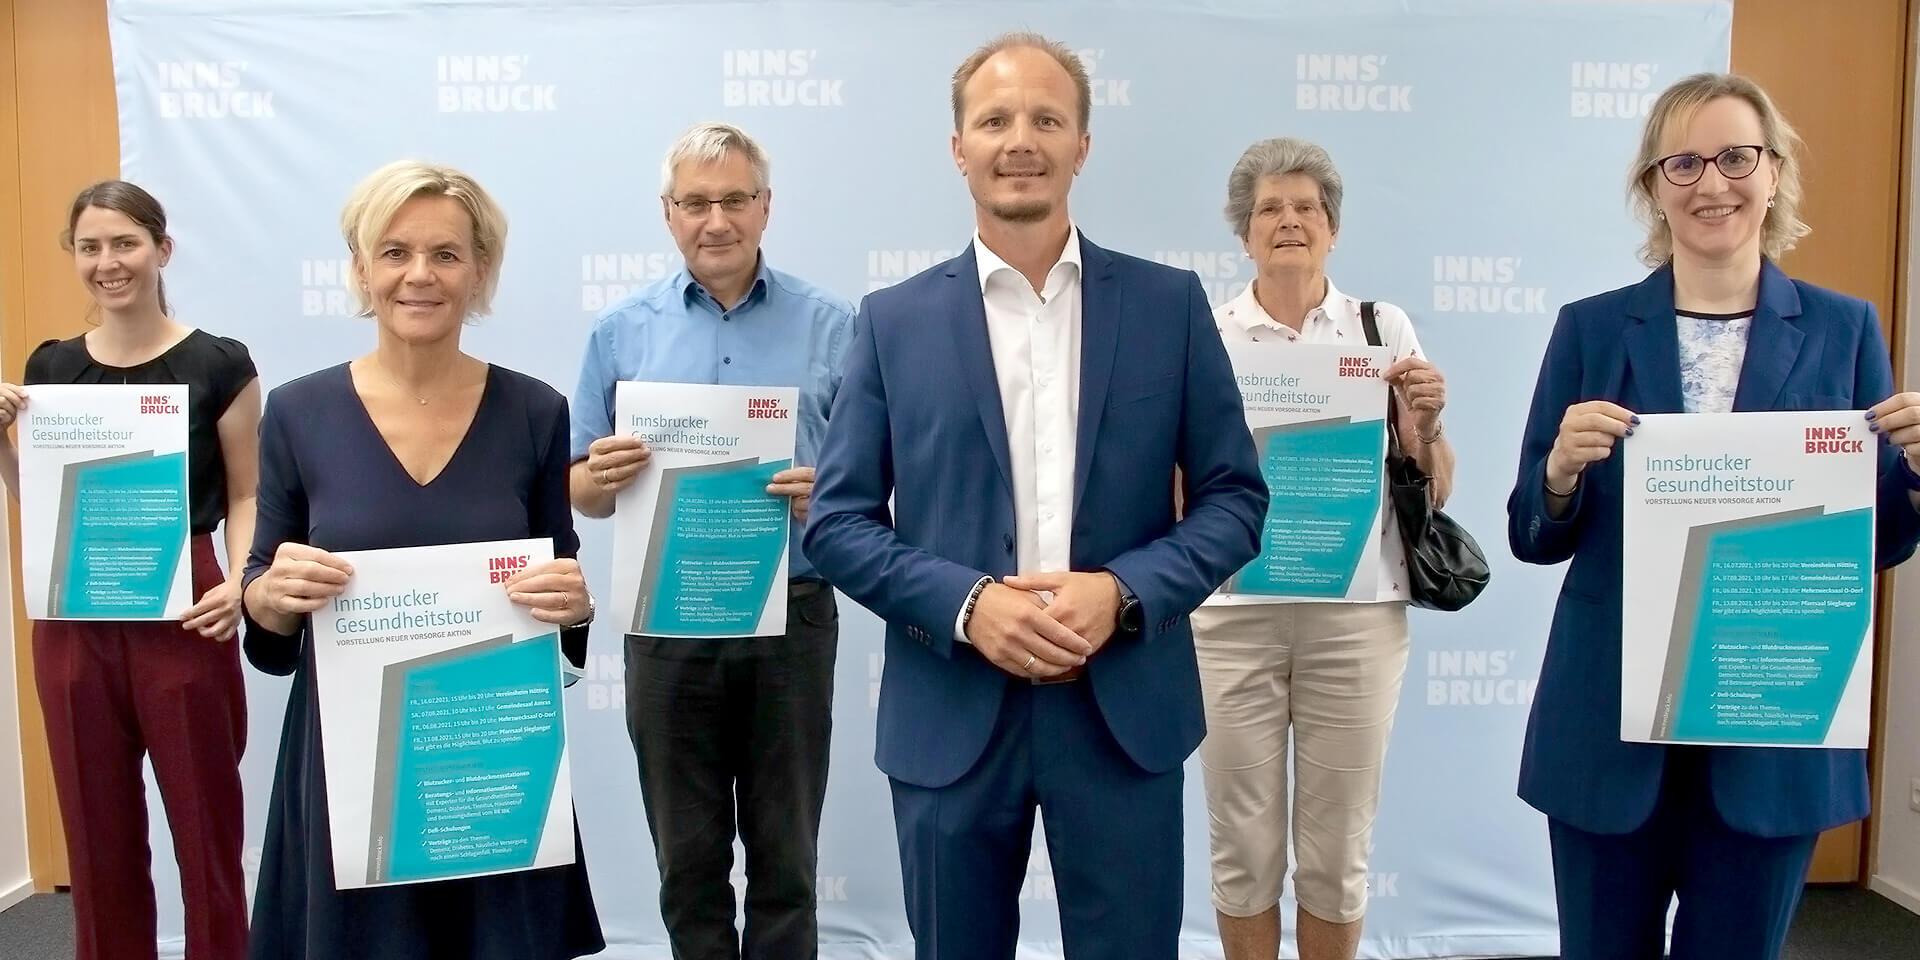 Innsbrucker Gesundheitstour 2021